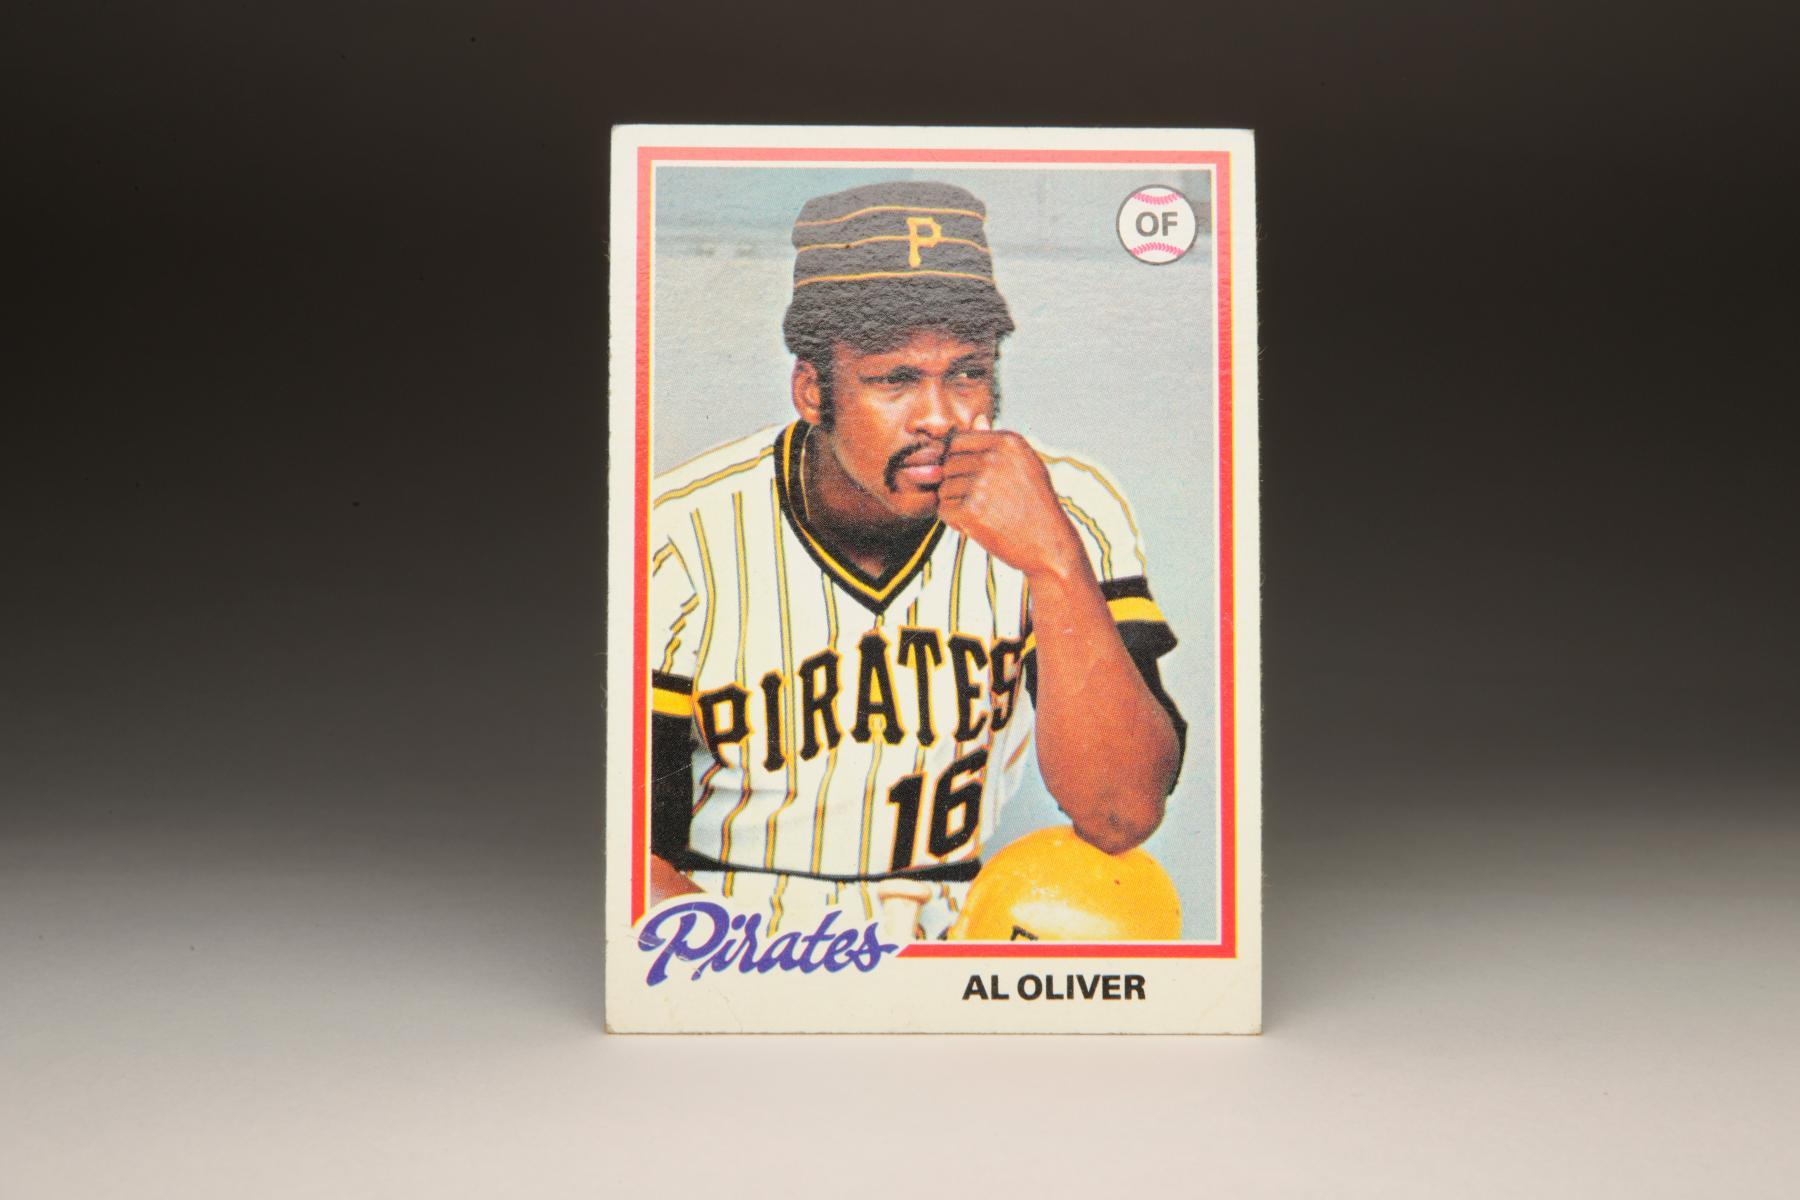 1978 Al Oliver Topps card. (Milo Stewart Jr. / National Baseball Hall of Fame)